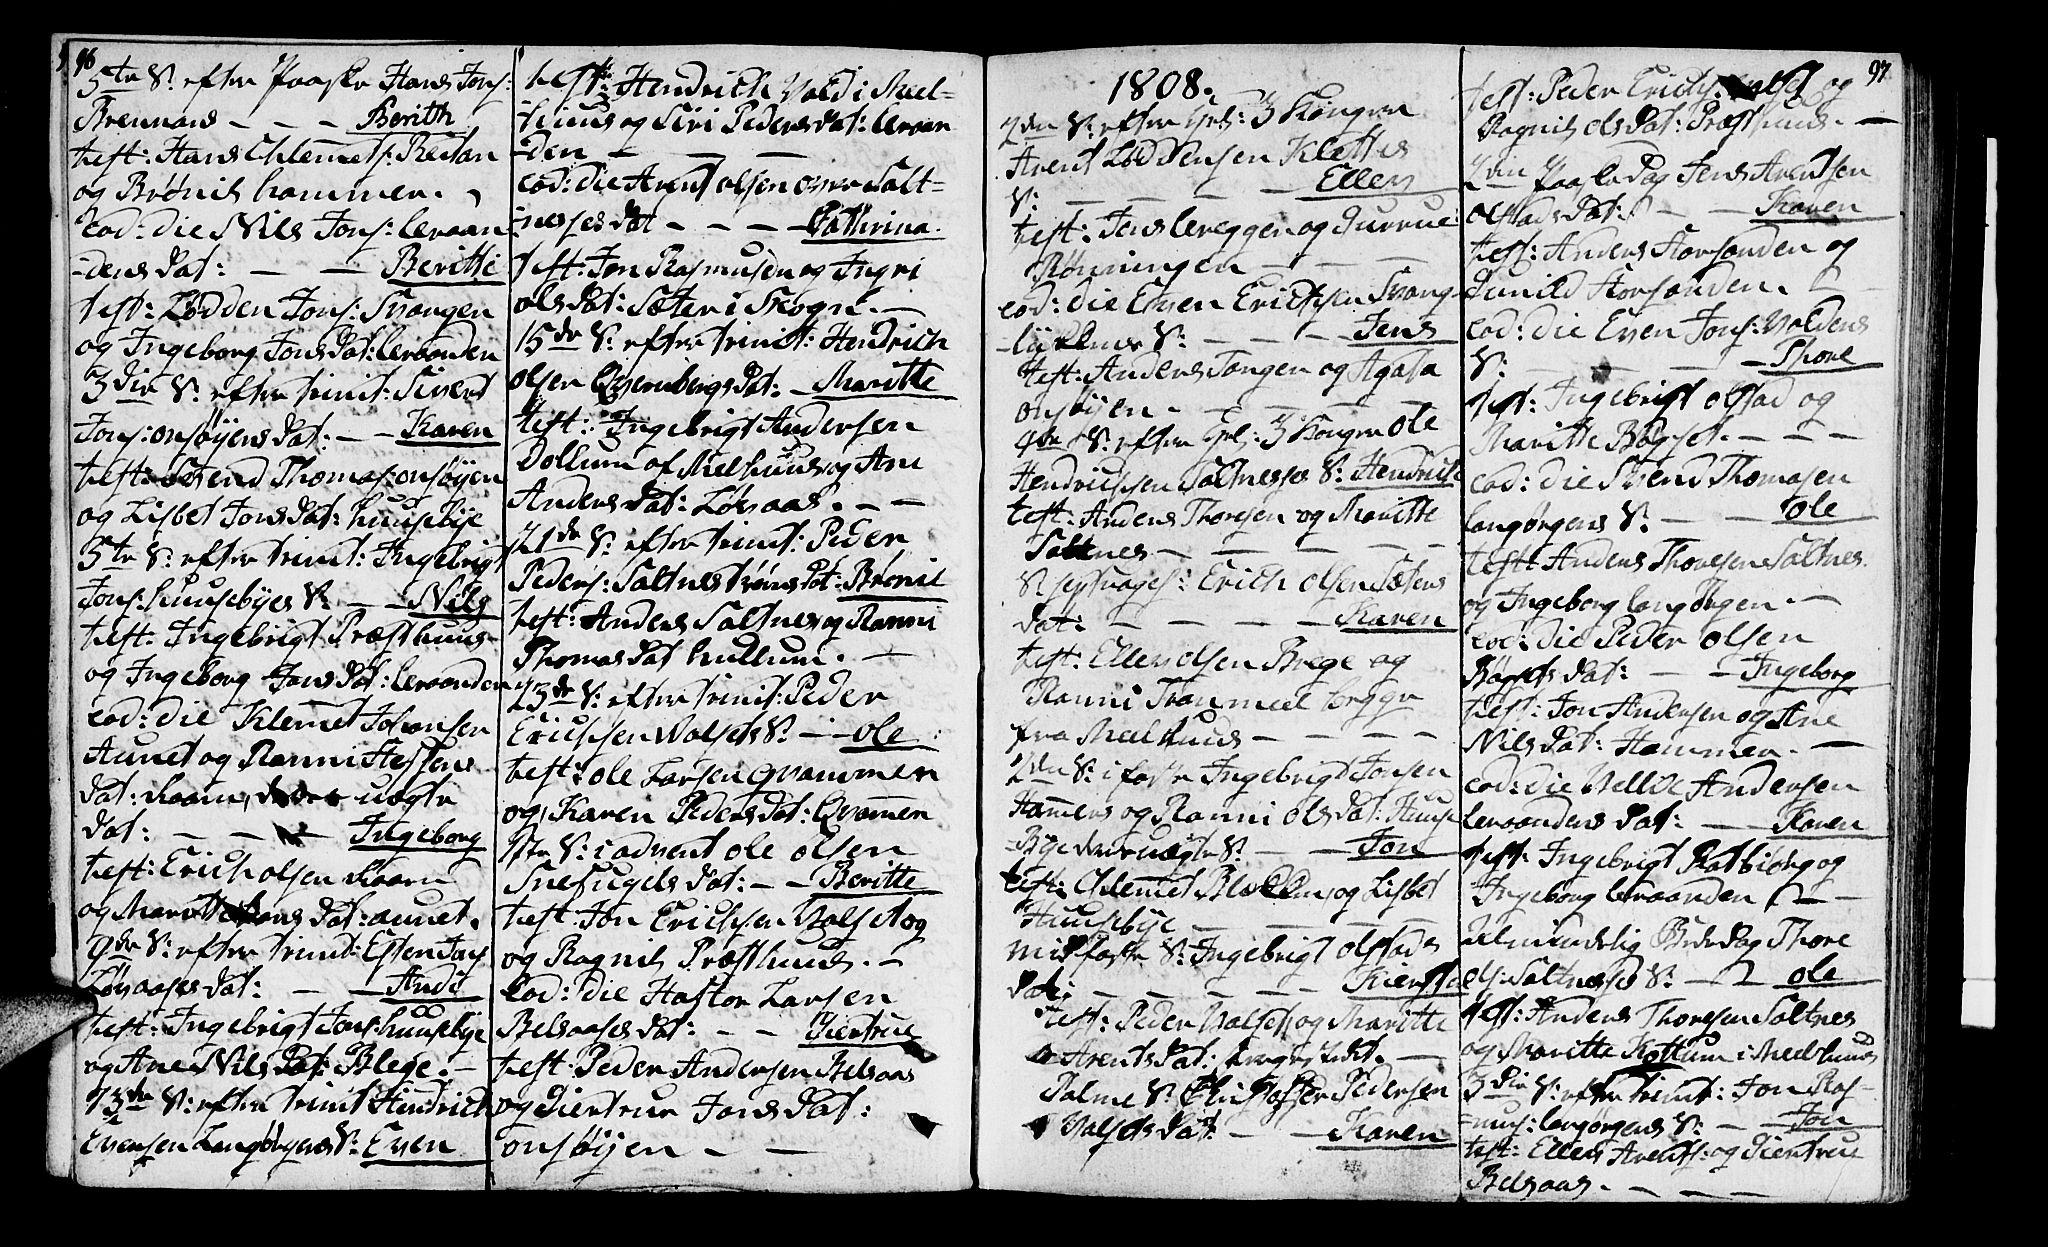 SAT, Ministerialprotokoller, klokkerbøker og fødselsregistre - Sør-Trøndelag, 666/L0785: Ministerialbok nr. 666A03, 1803-1816, s. 96-97